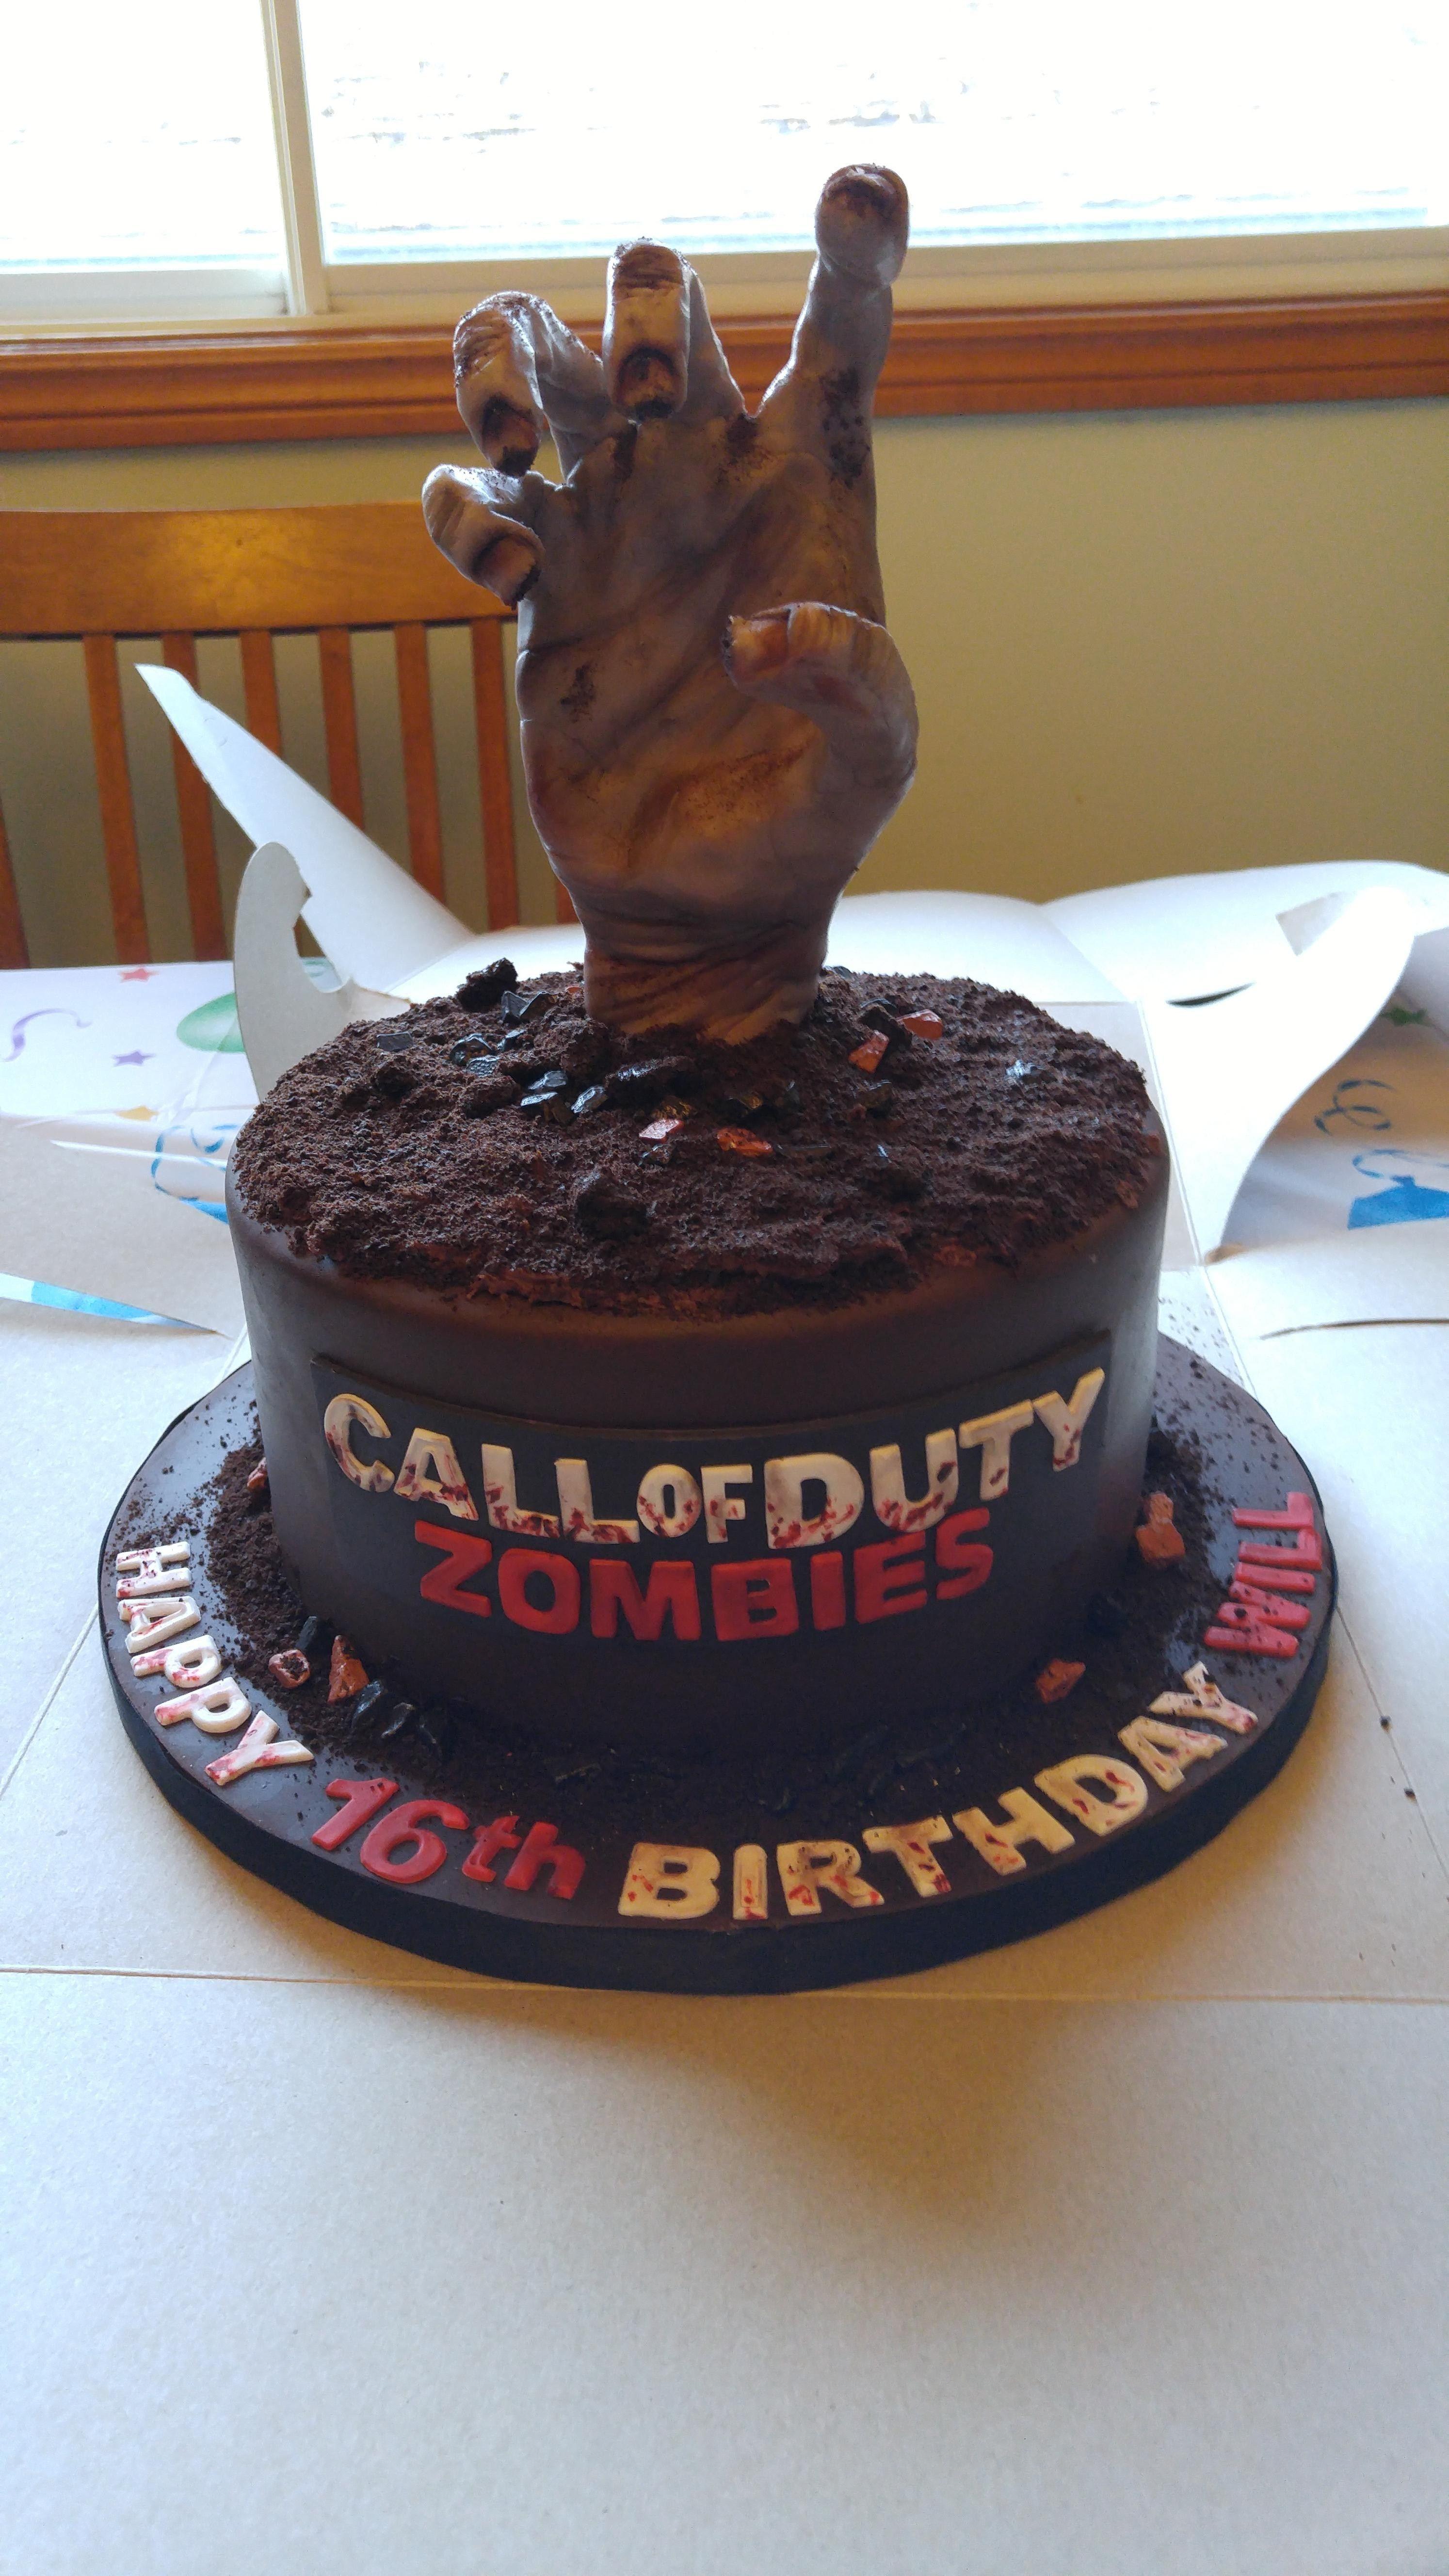 call of duty cake design for girl